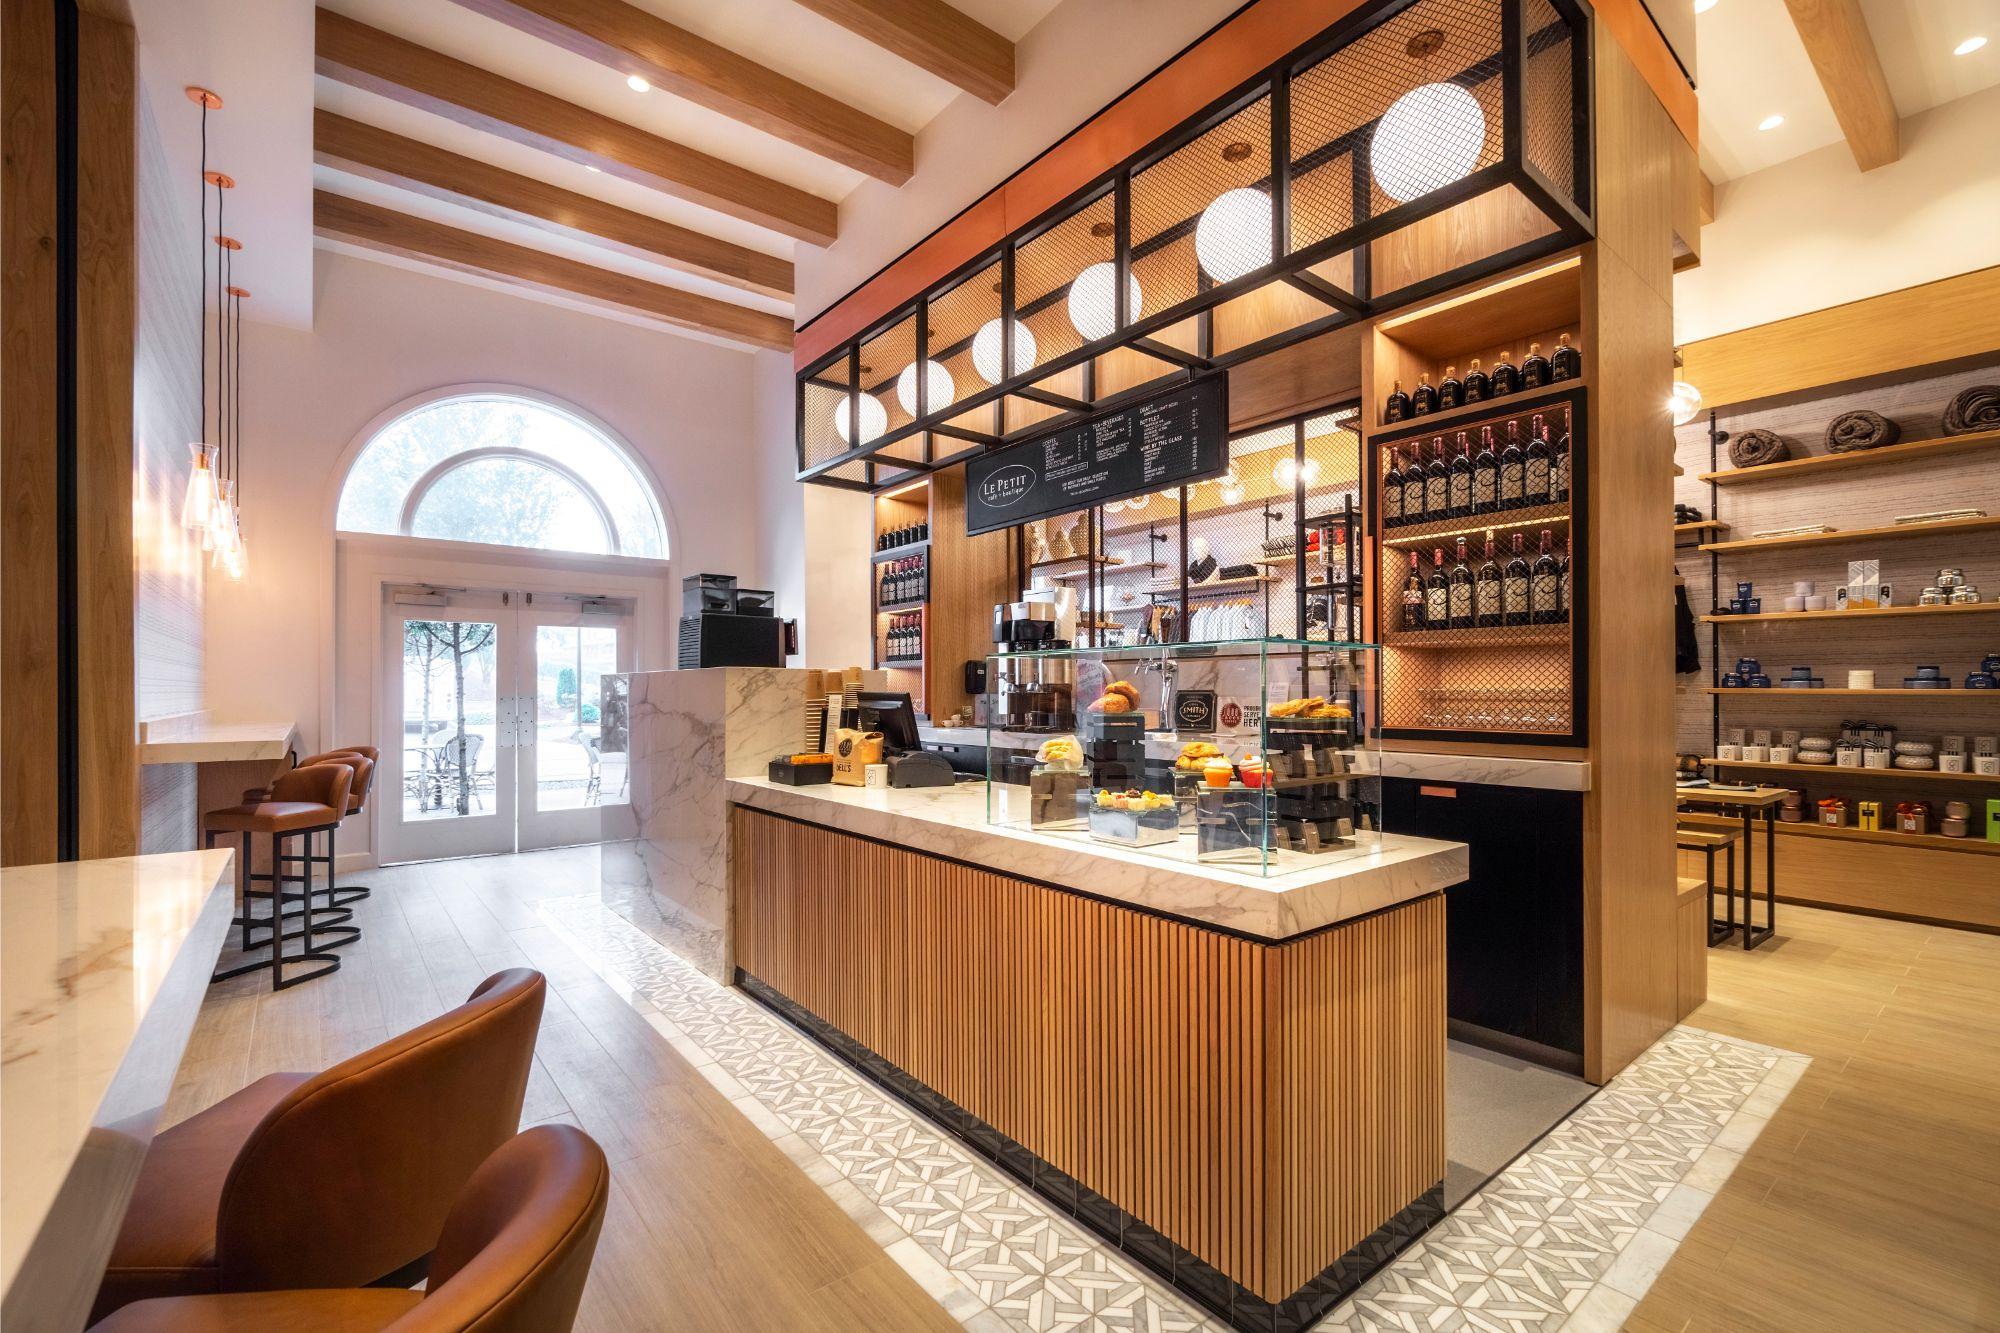 Le Petit Cafe Braselton